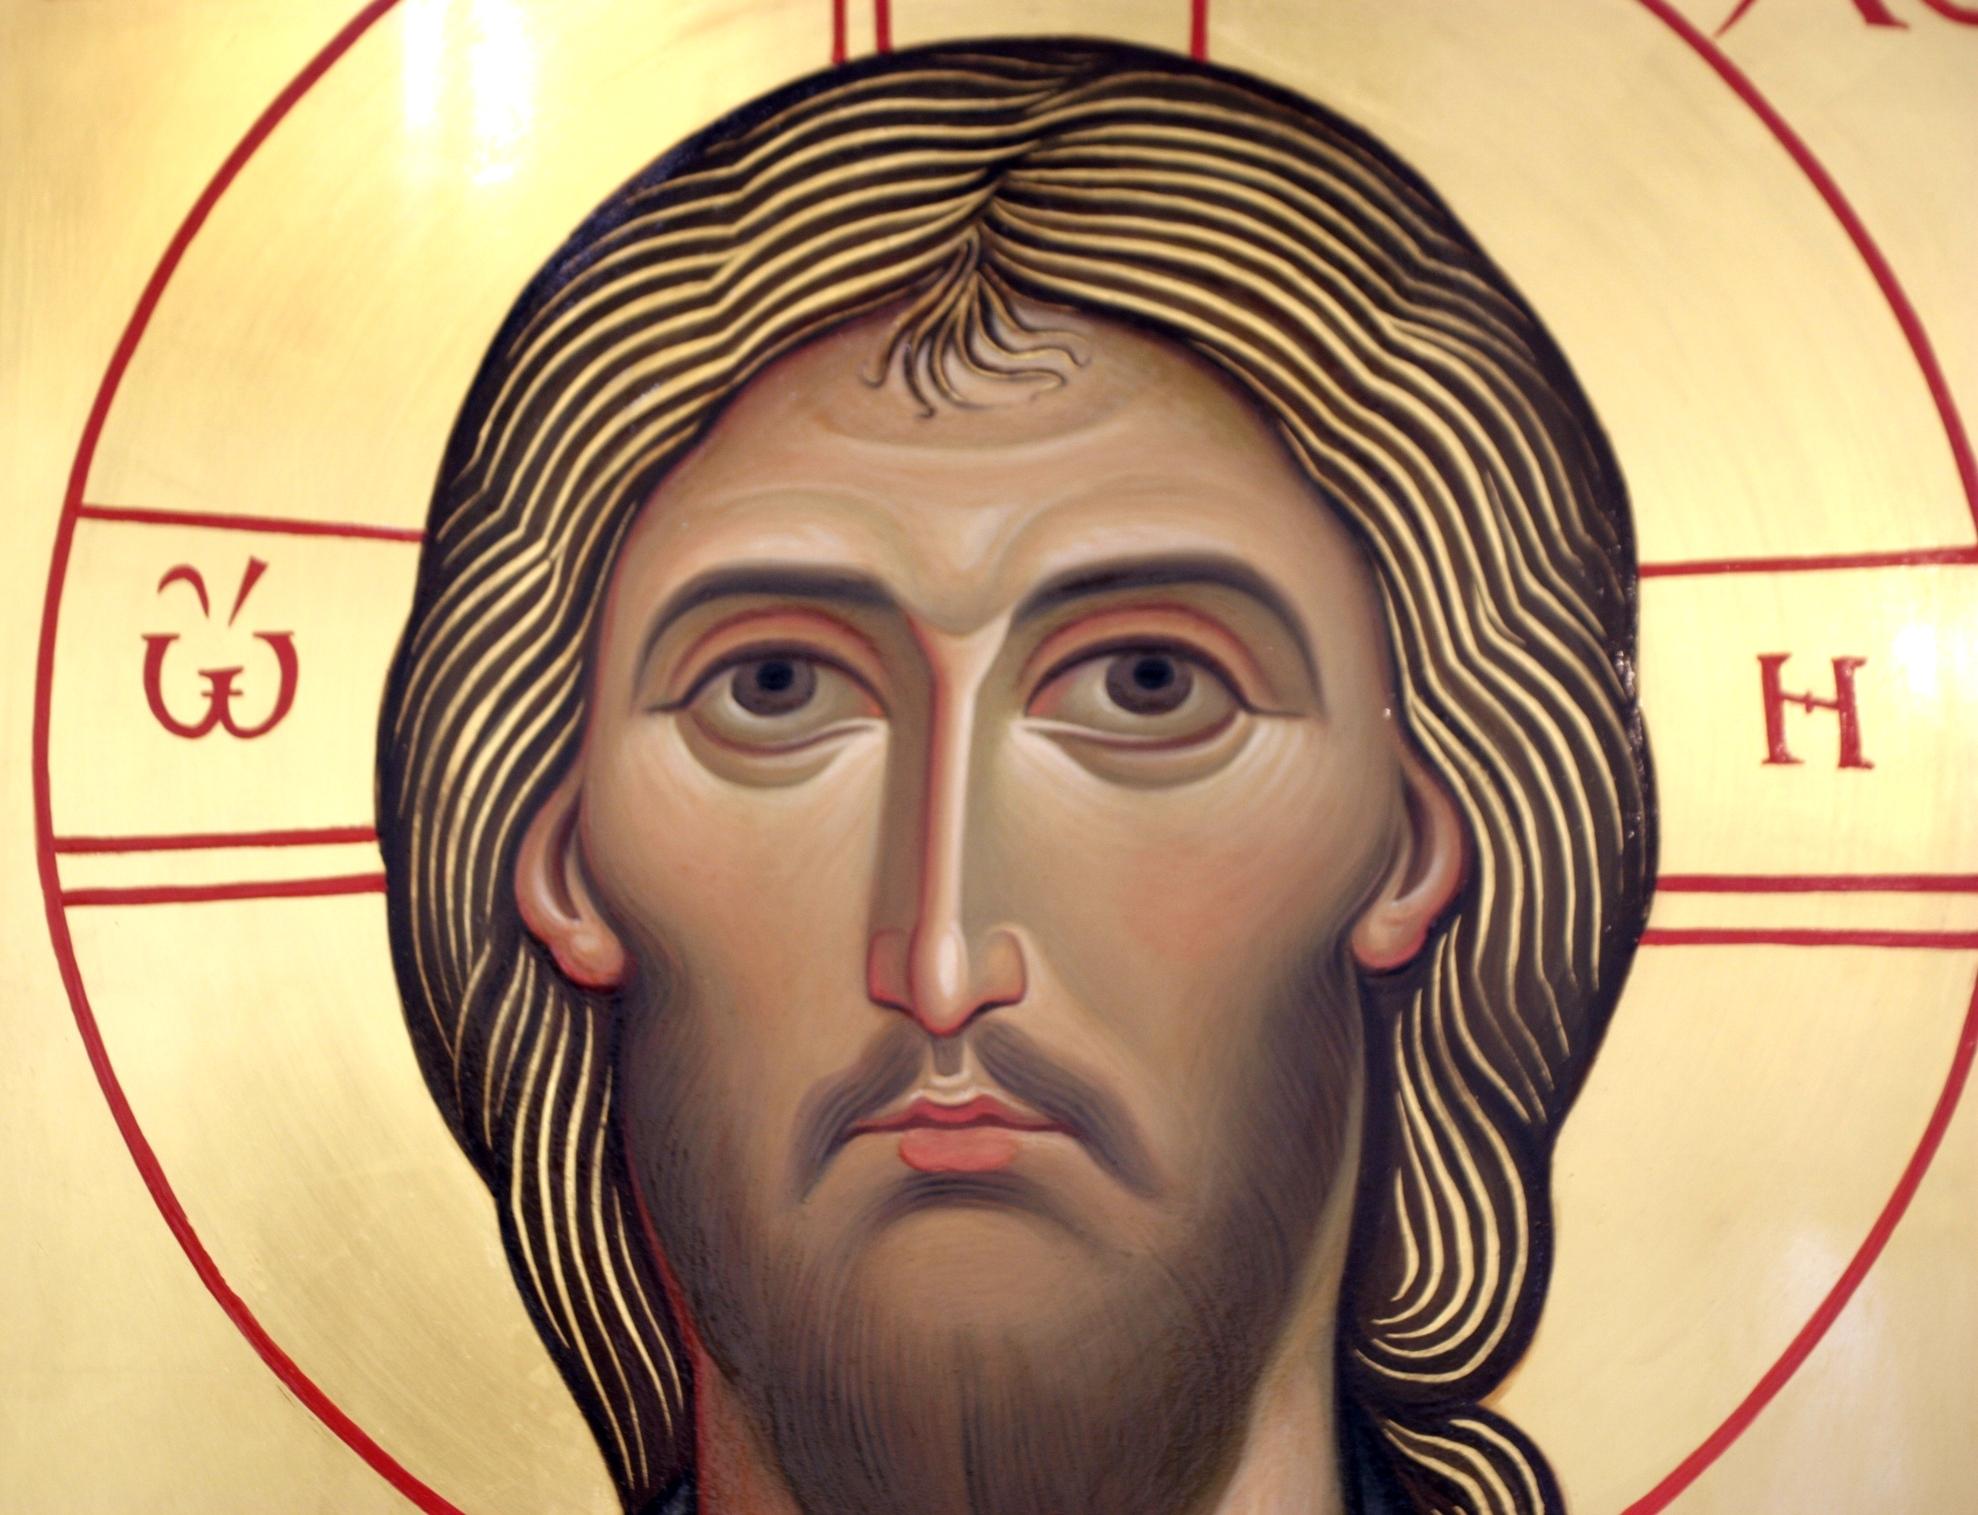 Христос Пантократор. Иконописец Наталия Пискунова. Фрагмент иконы.